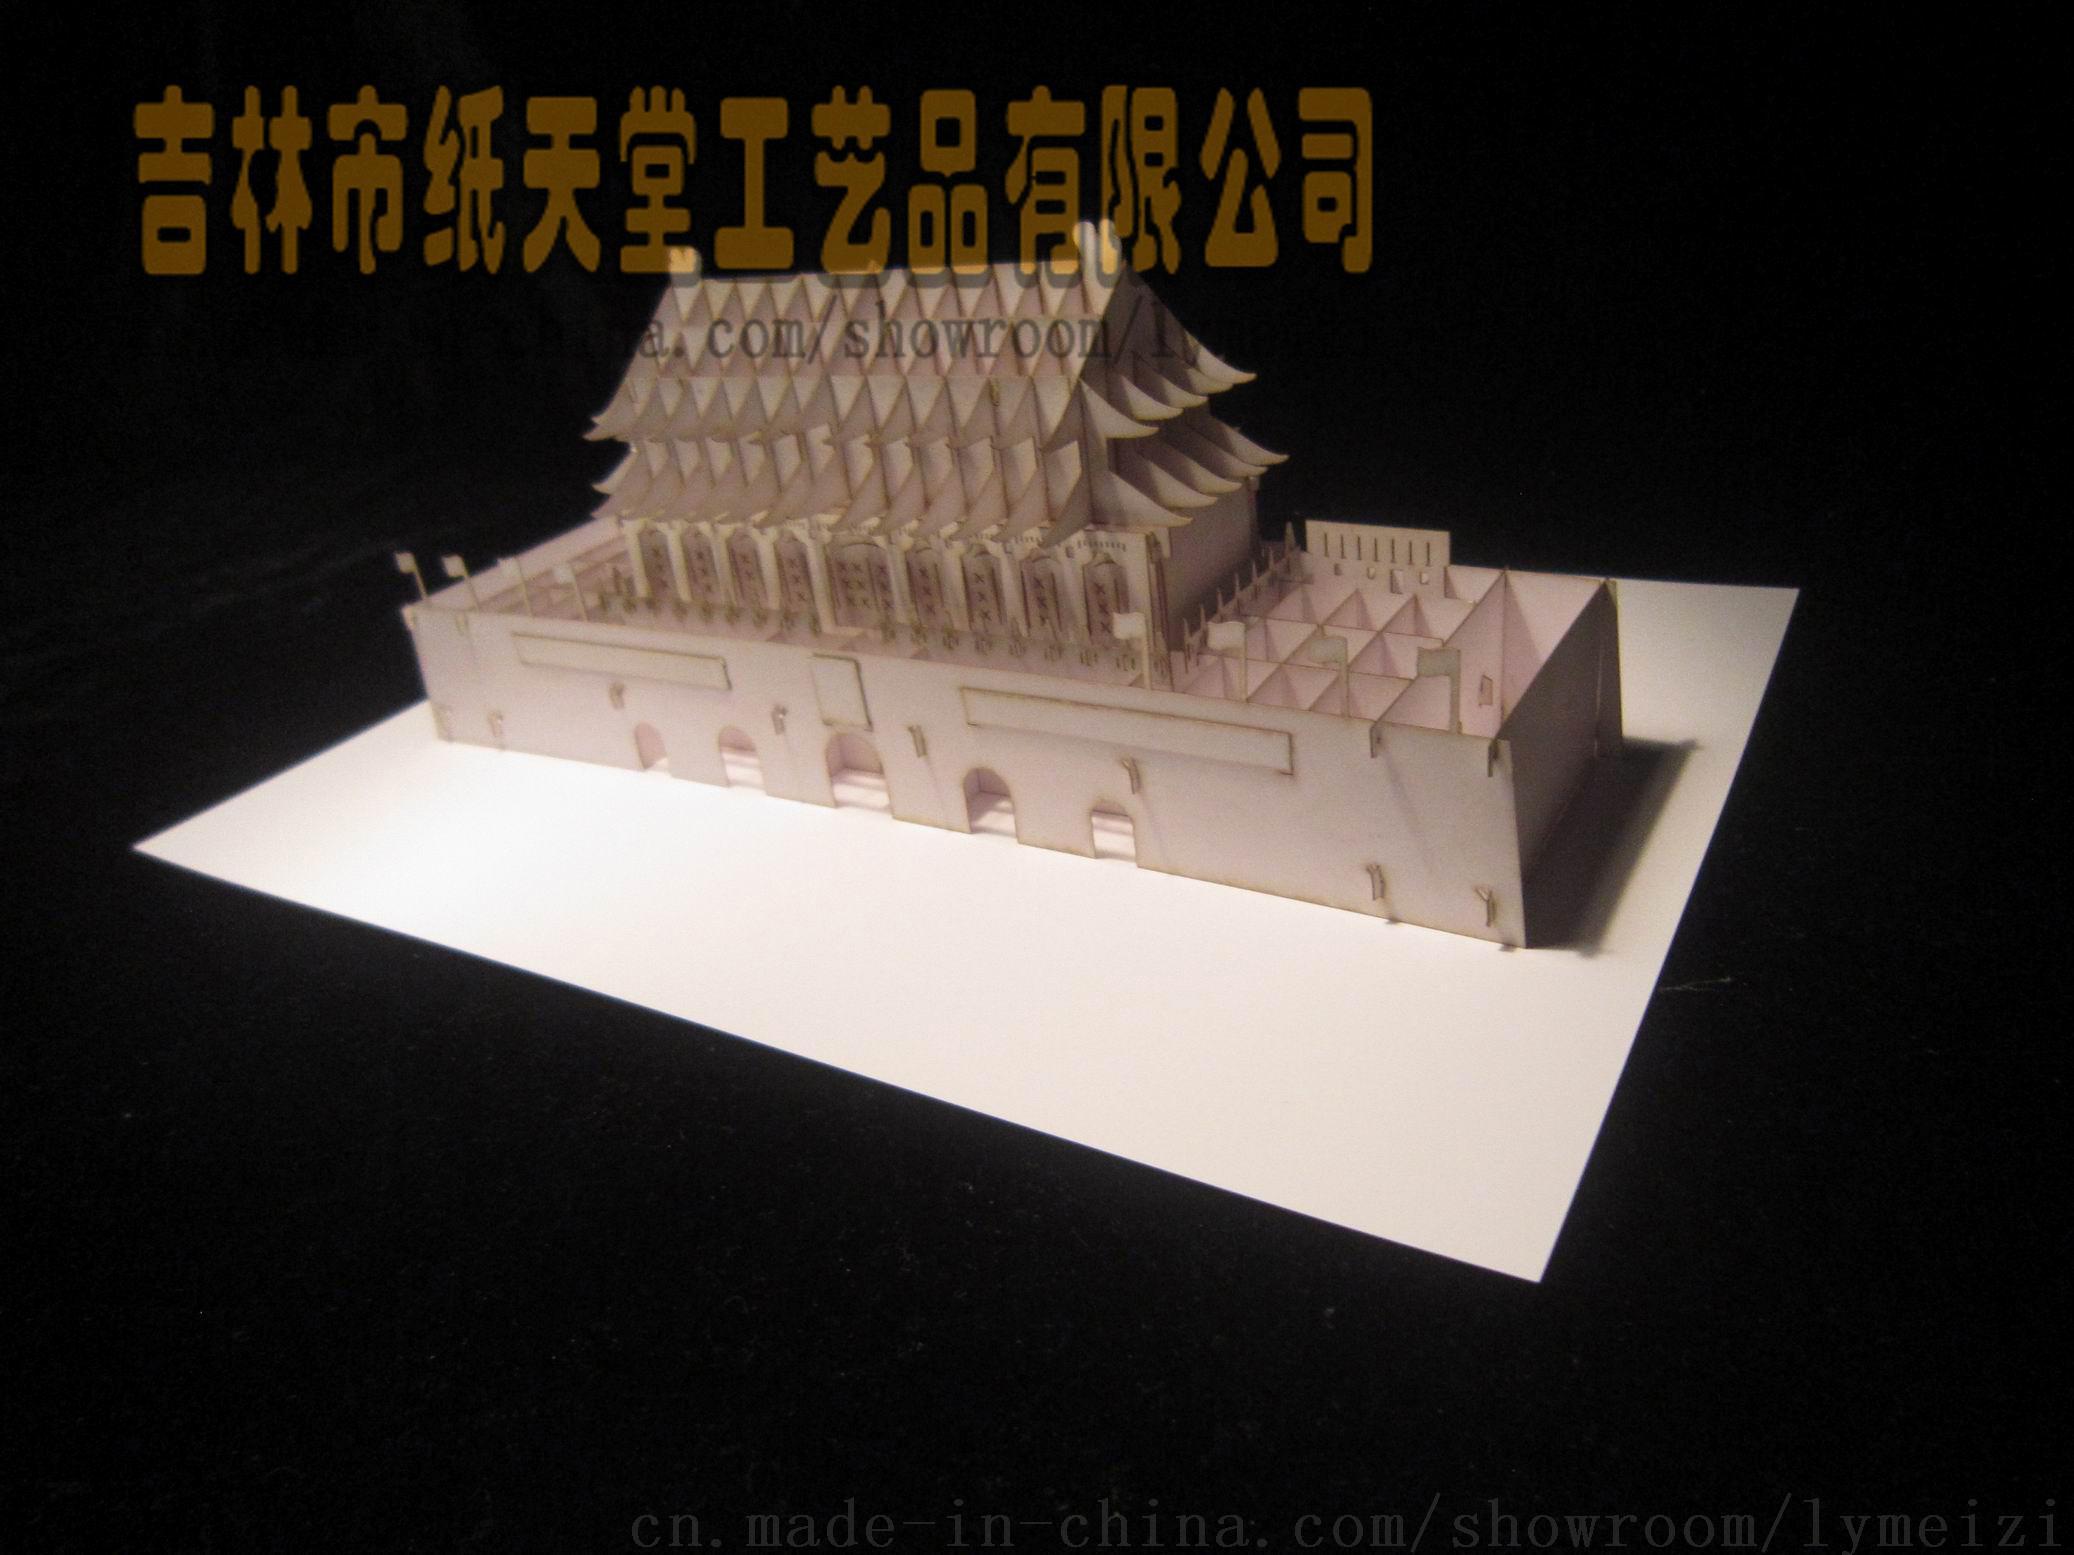 纸雕,立体书,立体贺卡,立体剪纸,立体摺纸,纸灯笼,纸灯罩,立体建筑